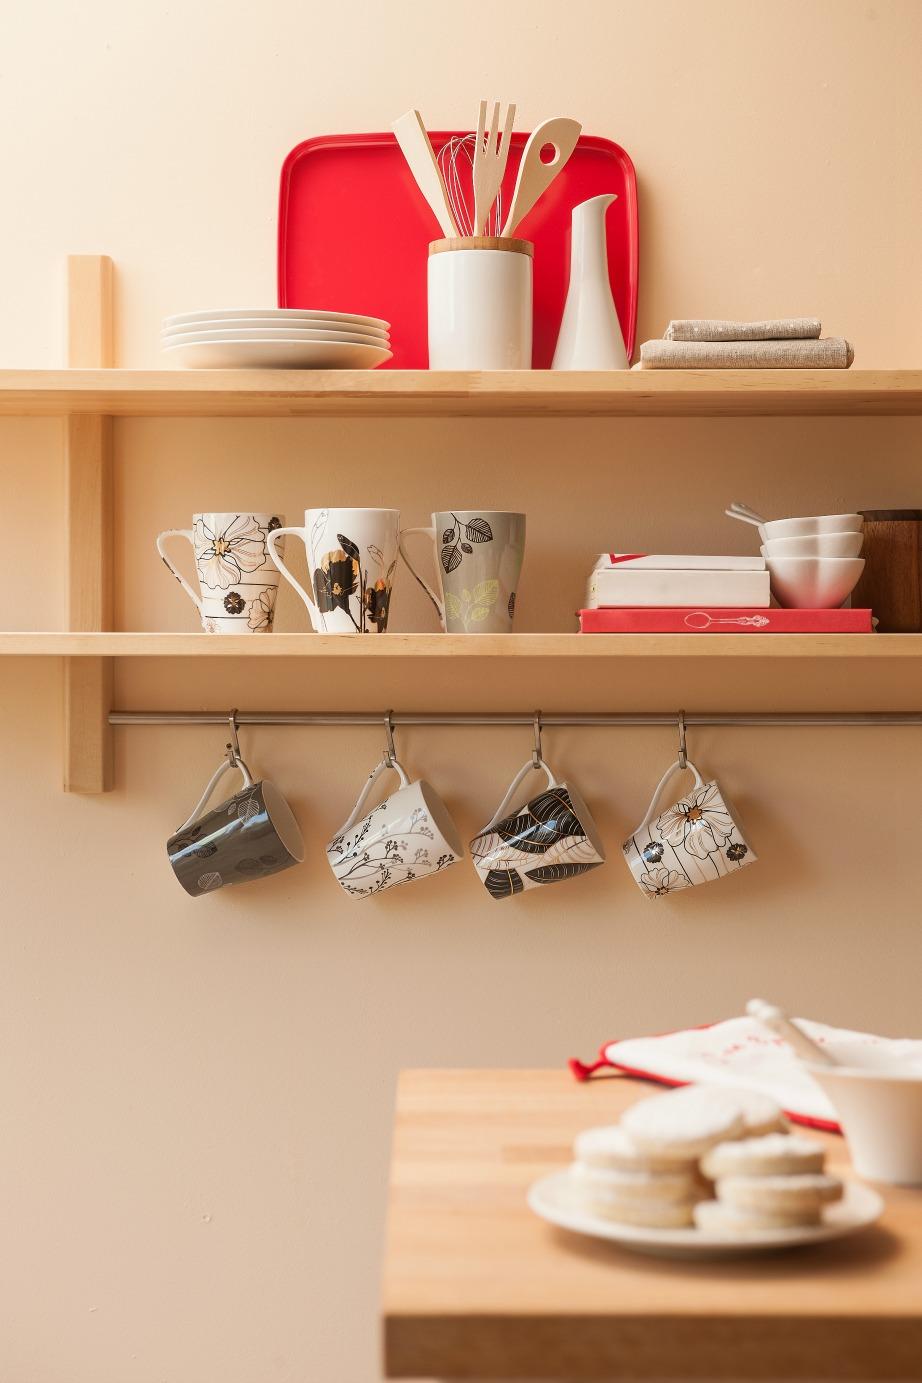 Τα γαντζάκια κάτω από τα ράφια είναι ιδανικά για τις κούπες του καφές σας.